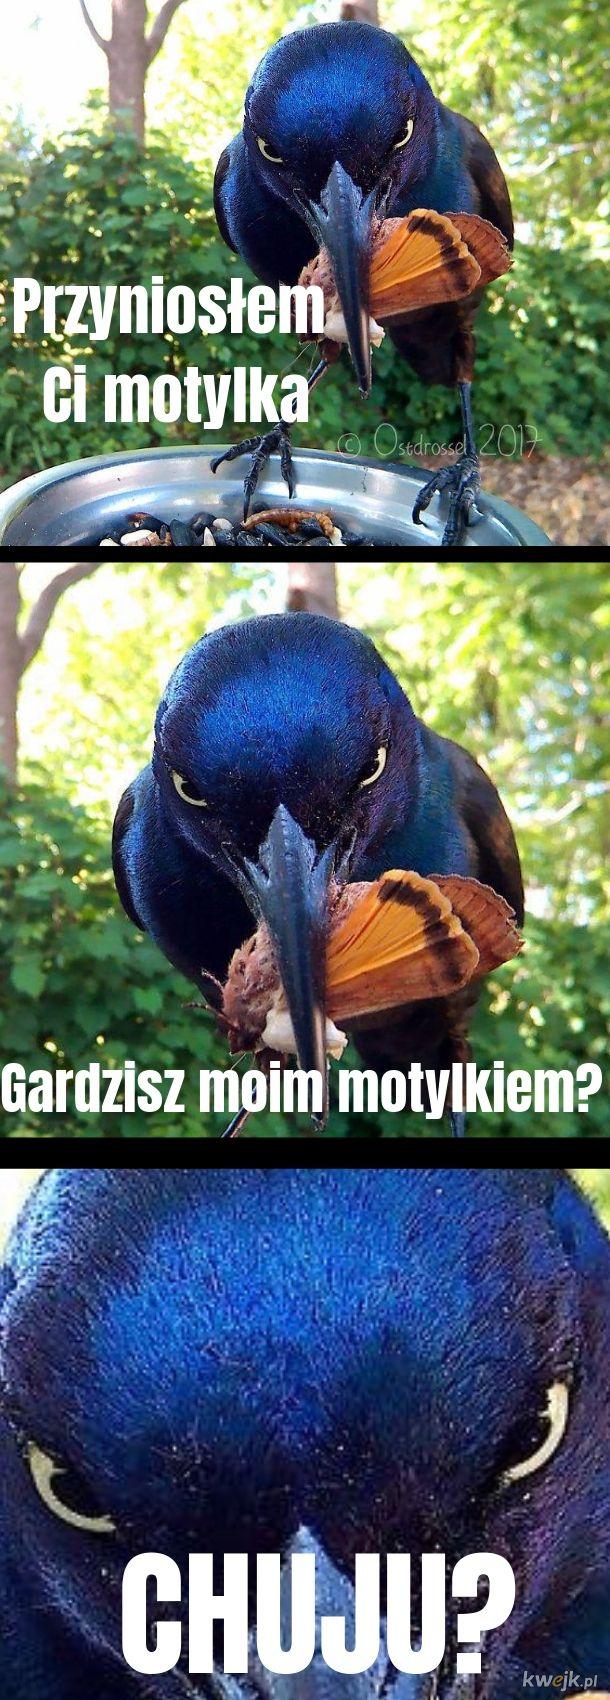 Nie denerwuj się ptaszku!